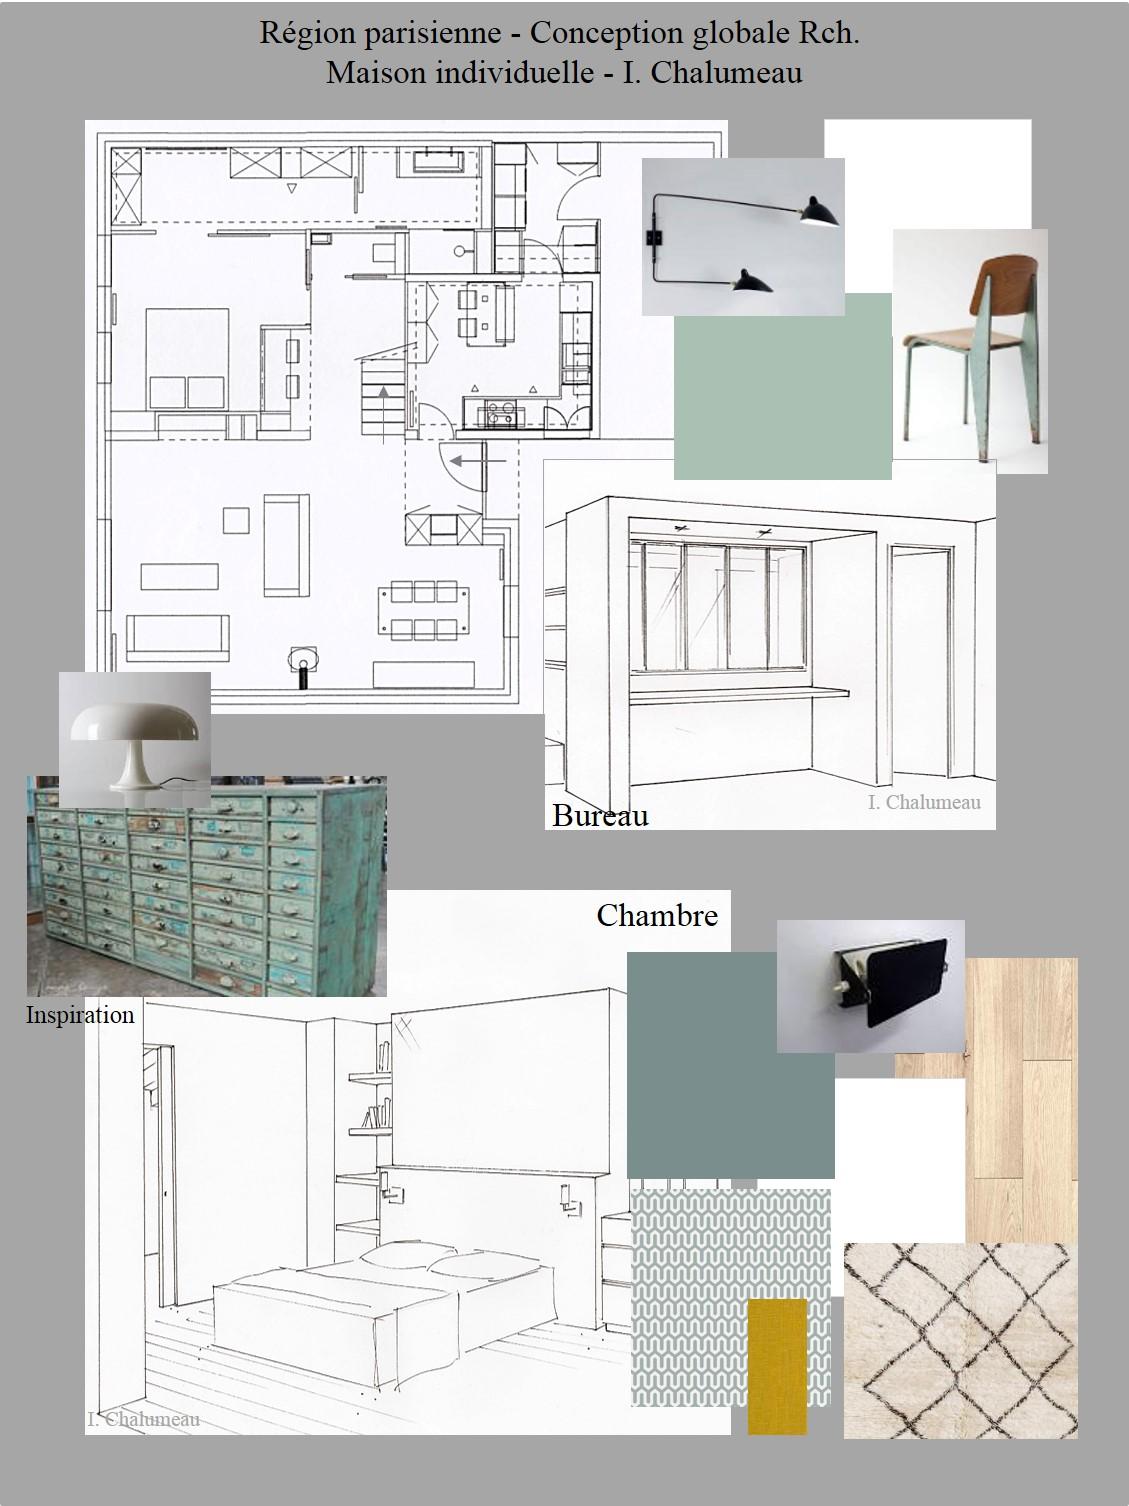 Isabelle chalumeau conception graphique et d coration d for Cours de decoration d interieur